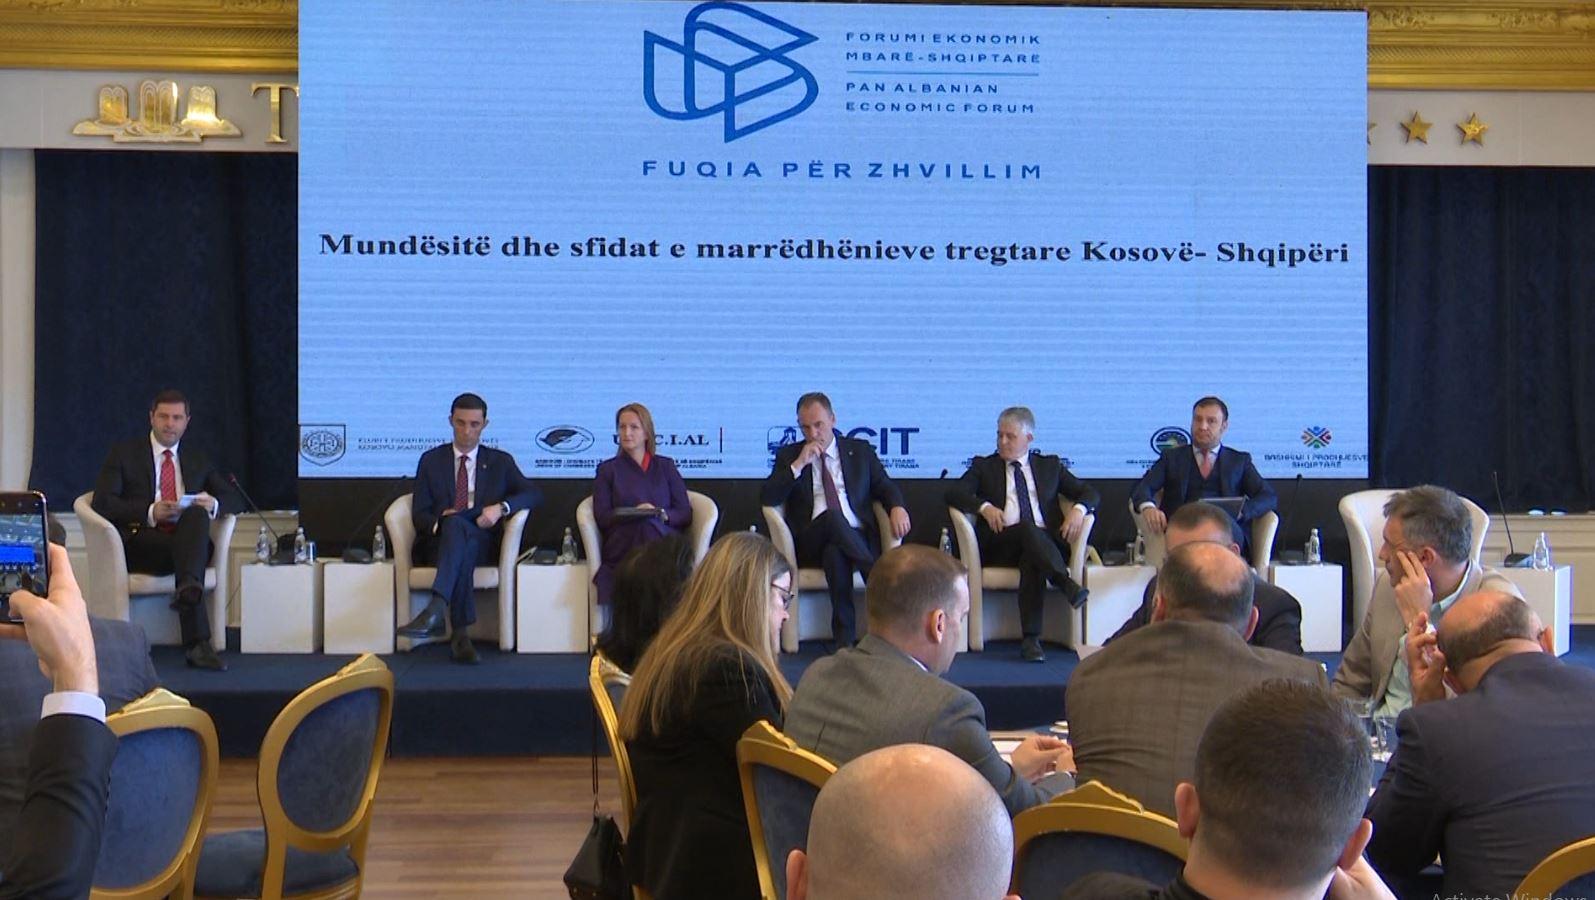 Qeveria negociata për të hequr tarifën e skanimit për Kosovën